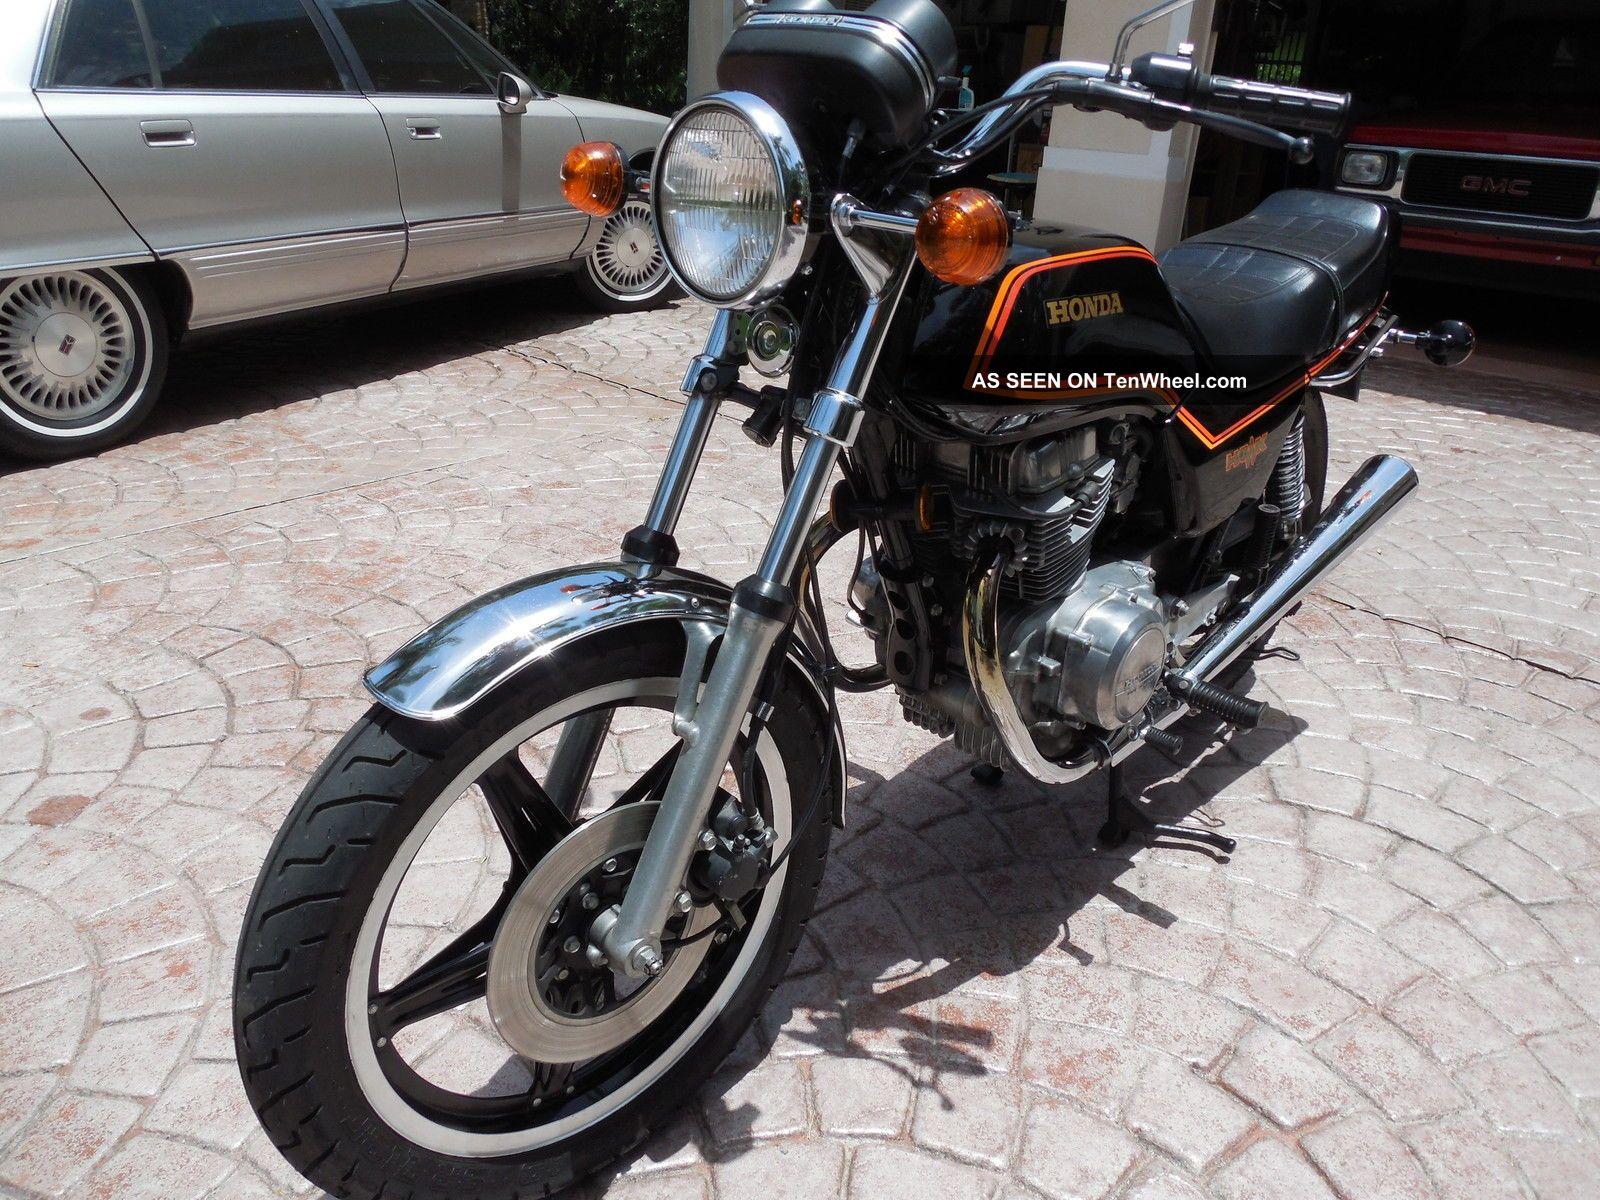 Honda - CB 400 N - 1980 - Catawiki